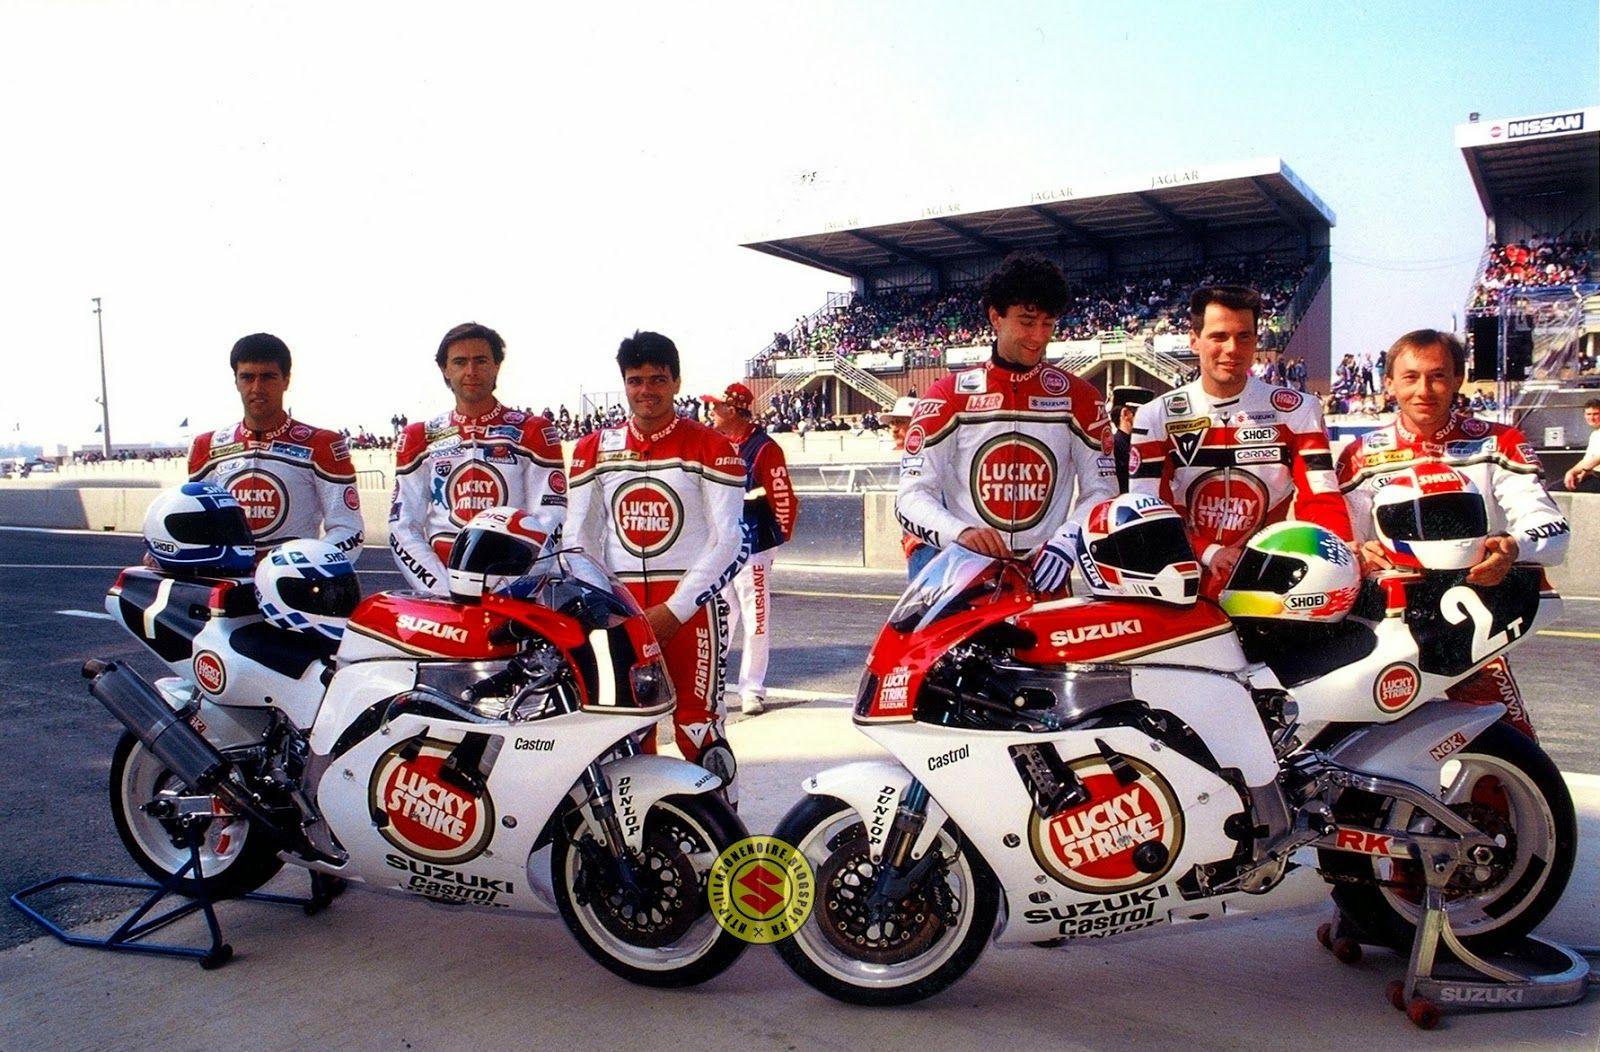 Suzuki GSX-R 750 / Team SERT Lucky Strike / 24h Le mans '91